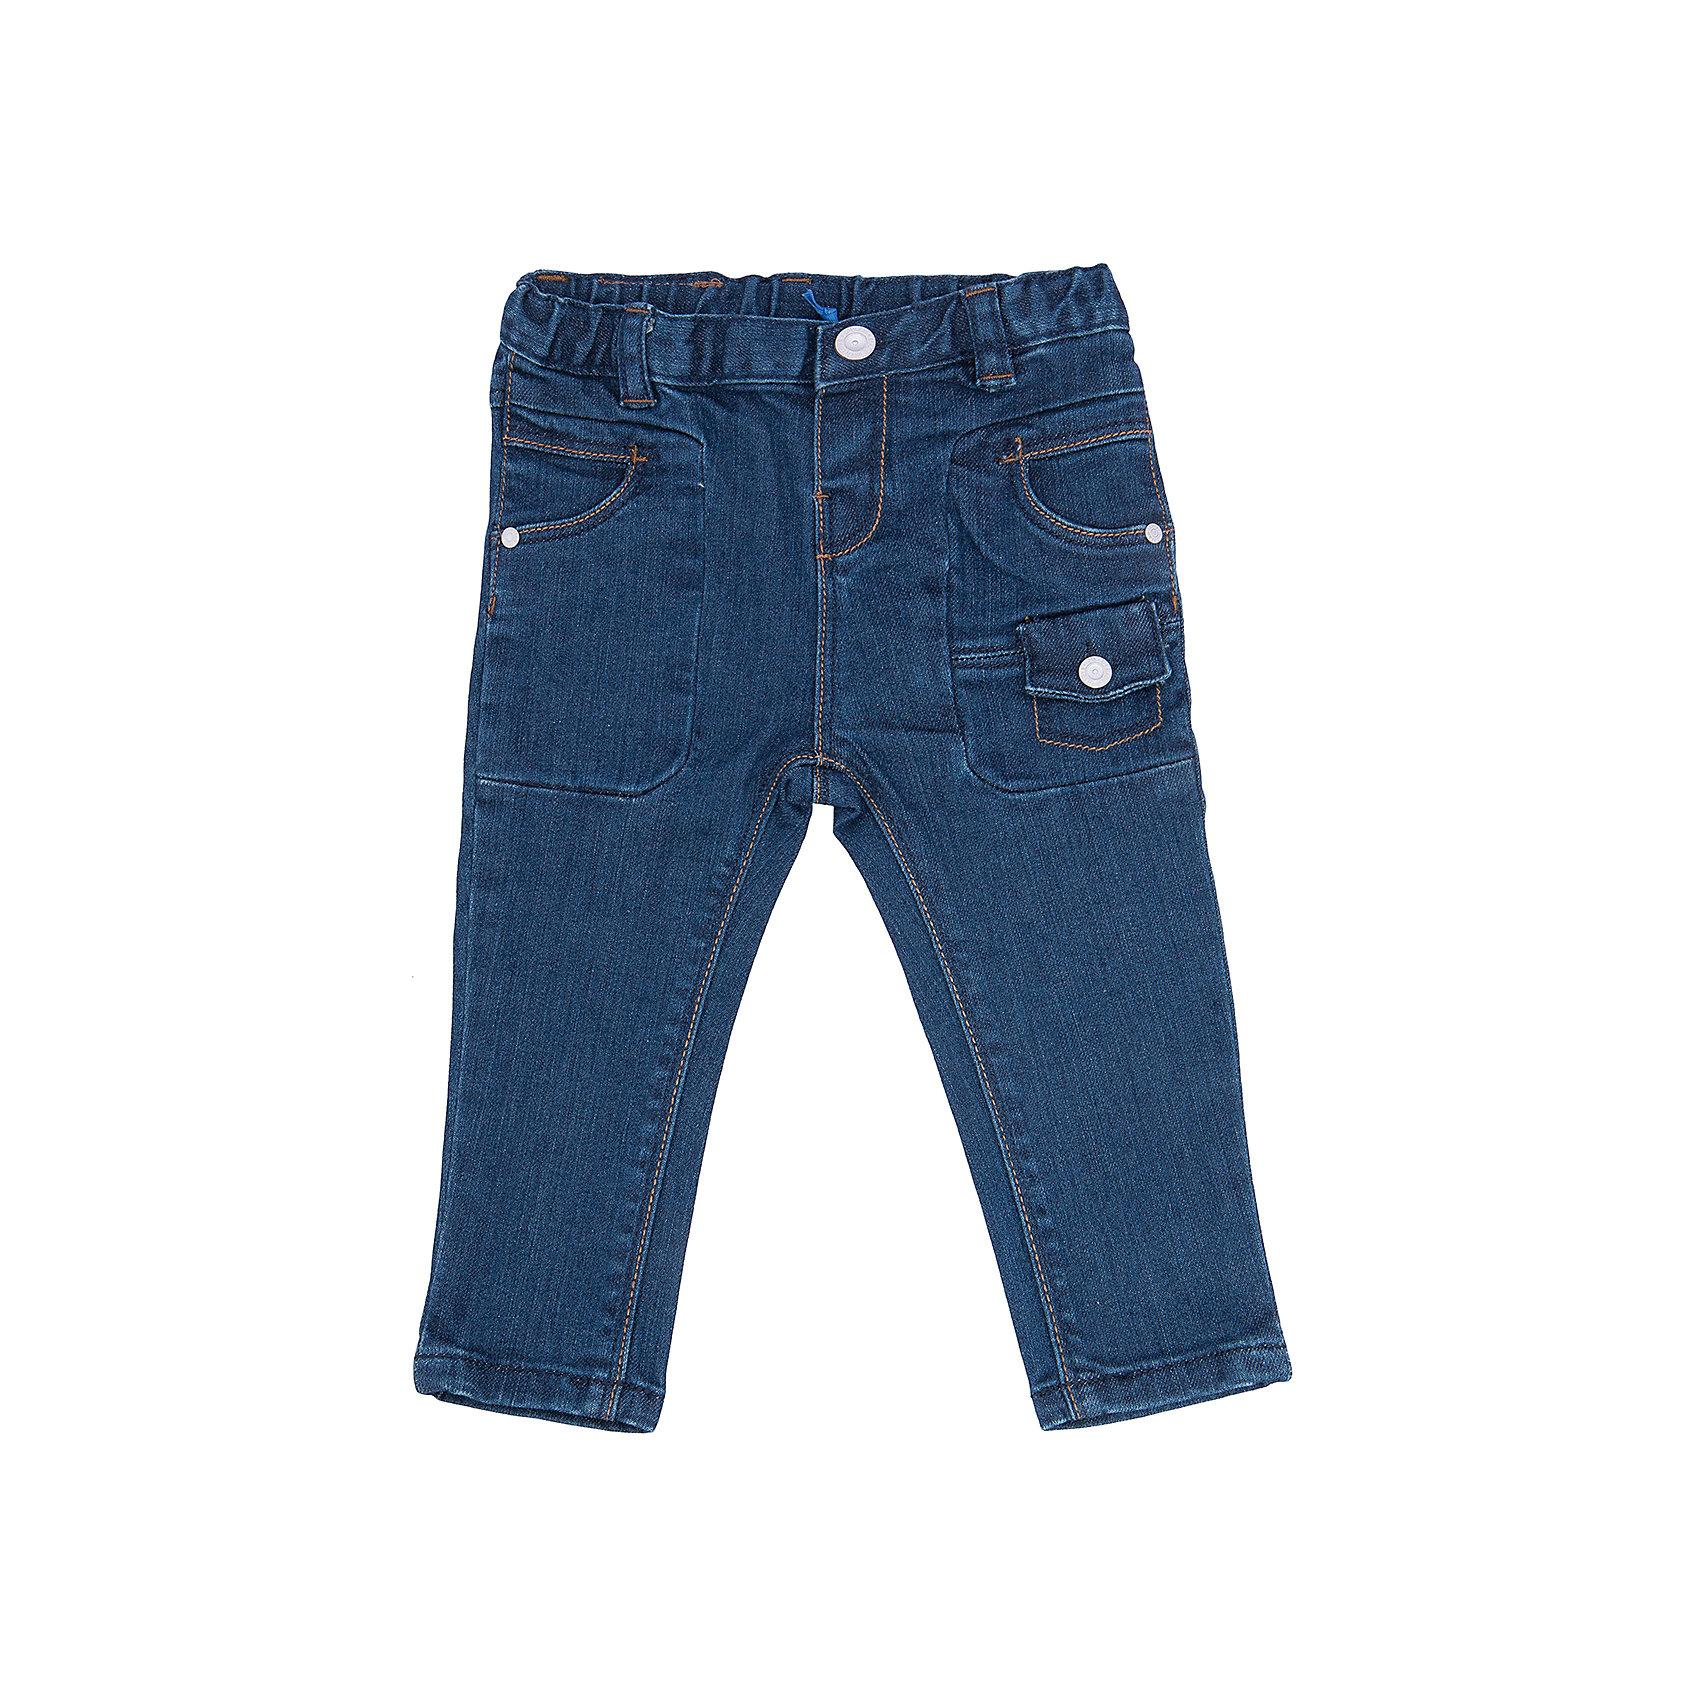 Брюки  для мальчика CHICCOДжинсы и брючки<br>Джинсы CHICCO для мальчика<br><br>Характеристики:<br><br>Фактура материала: джинсовый трикотаж<br>Особенности брюк: зауженные<br>Тип брюк: обхват талии регулируется, есть пуговица и молния, есть шлевки - петельки для ремня<br>Тип карманов: карманы впереди и сзади + дополнительные<br>Вид отделки: контрастная строчка<br><br>Состав: 98% хлопок, 2% эластан<br><br>Брюки CHICCO для мальчика можно купить в нашем интернет-магазине.<br><br>Ширина мм: 215<br>Глубина мм: 88<br>Высота мм: 191<br>Вес г: 336<br>Цвет: полуночно-синий<br>Возраст от месяцев: 6<br>Возраст до месяцев: 9<br>Пол: Мужской<br>Возраст: Детский<br>Размер: 74,92,80,86<br>SKU: 5082688